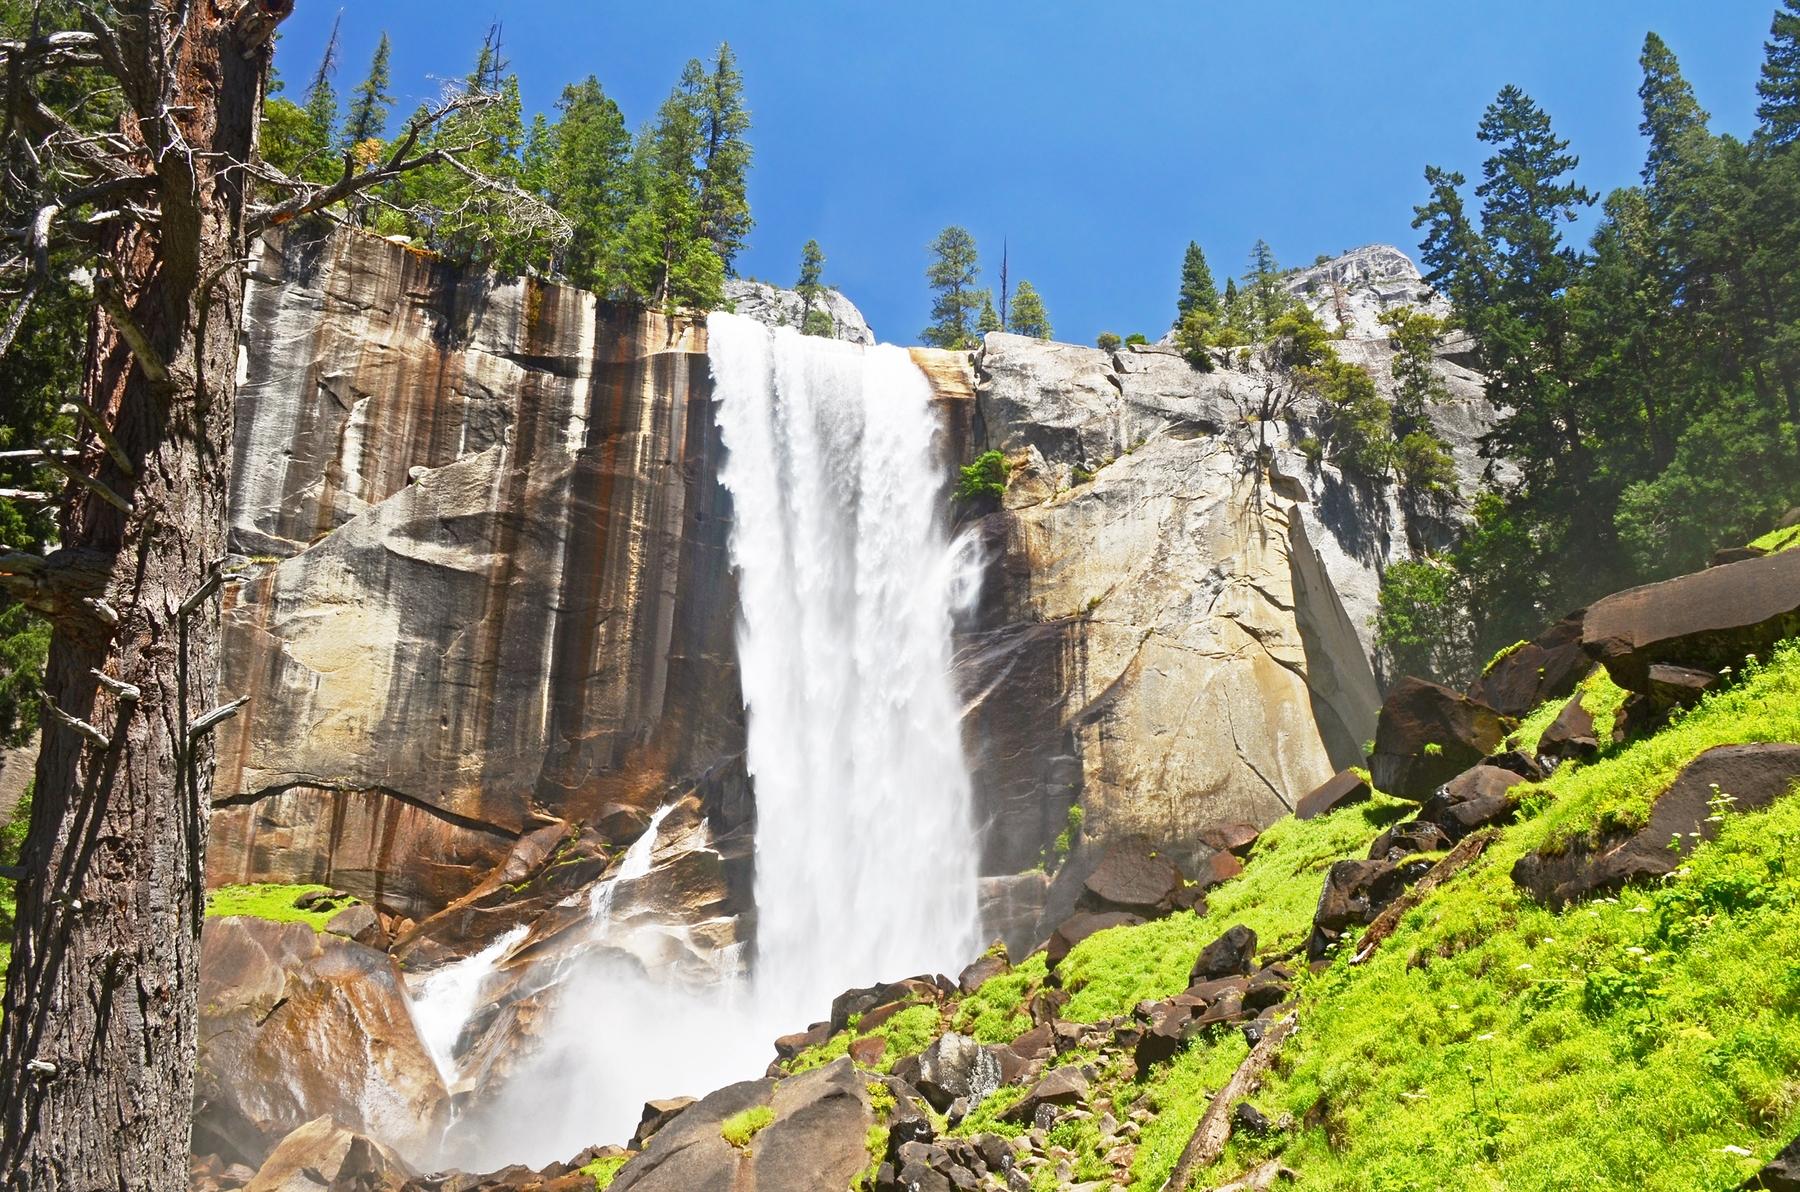 Водопад Вернал — одна из главных жемчужин национального парка Йосемити в США